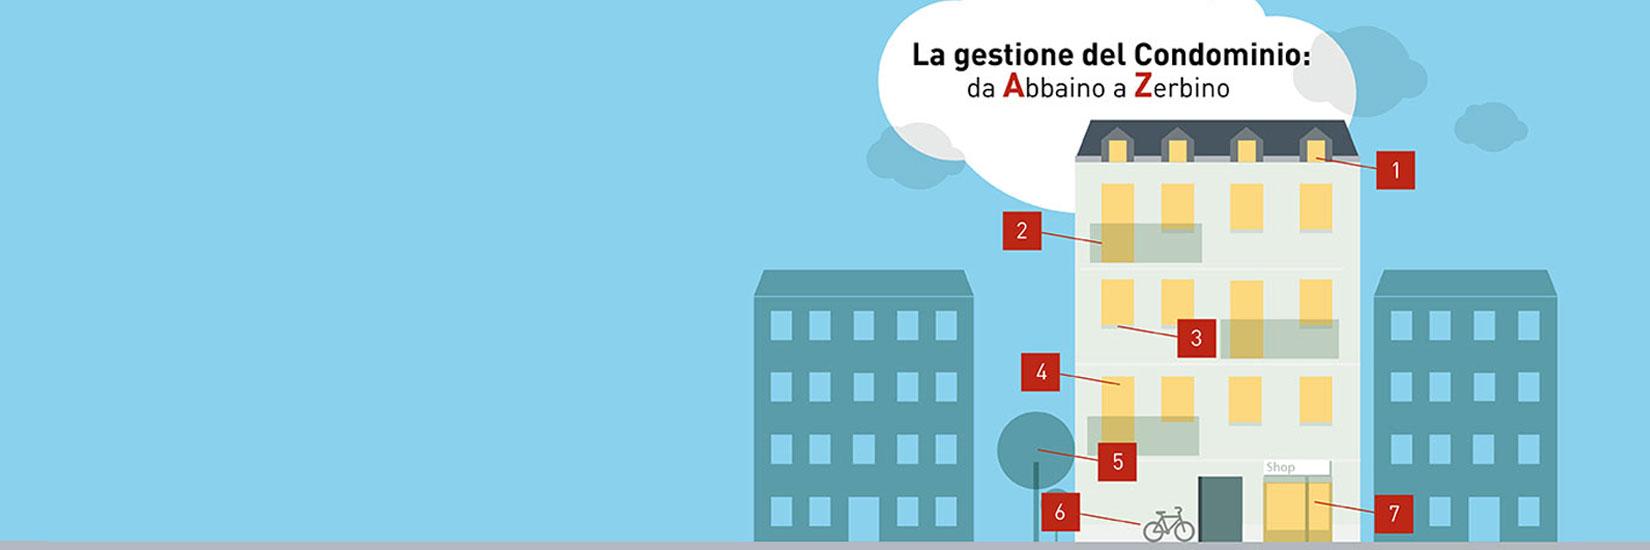 Il Manuale La Gestione Del Condominio Da Abbaino A Zerbino